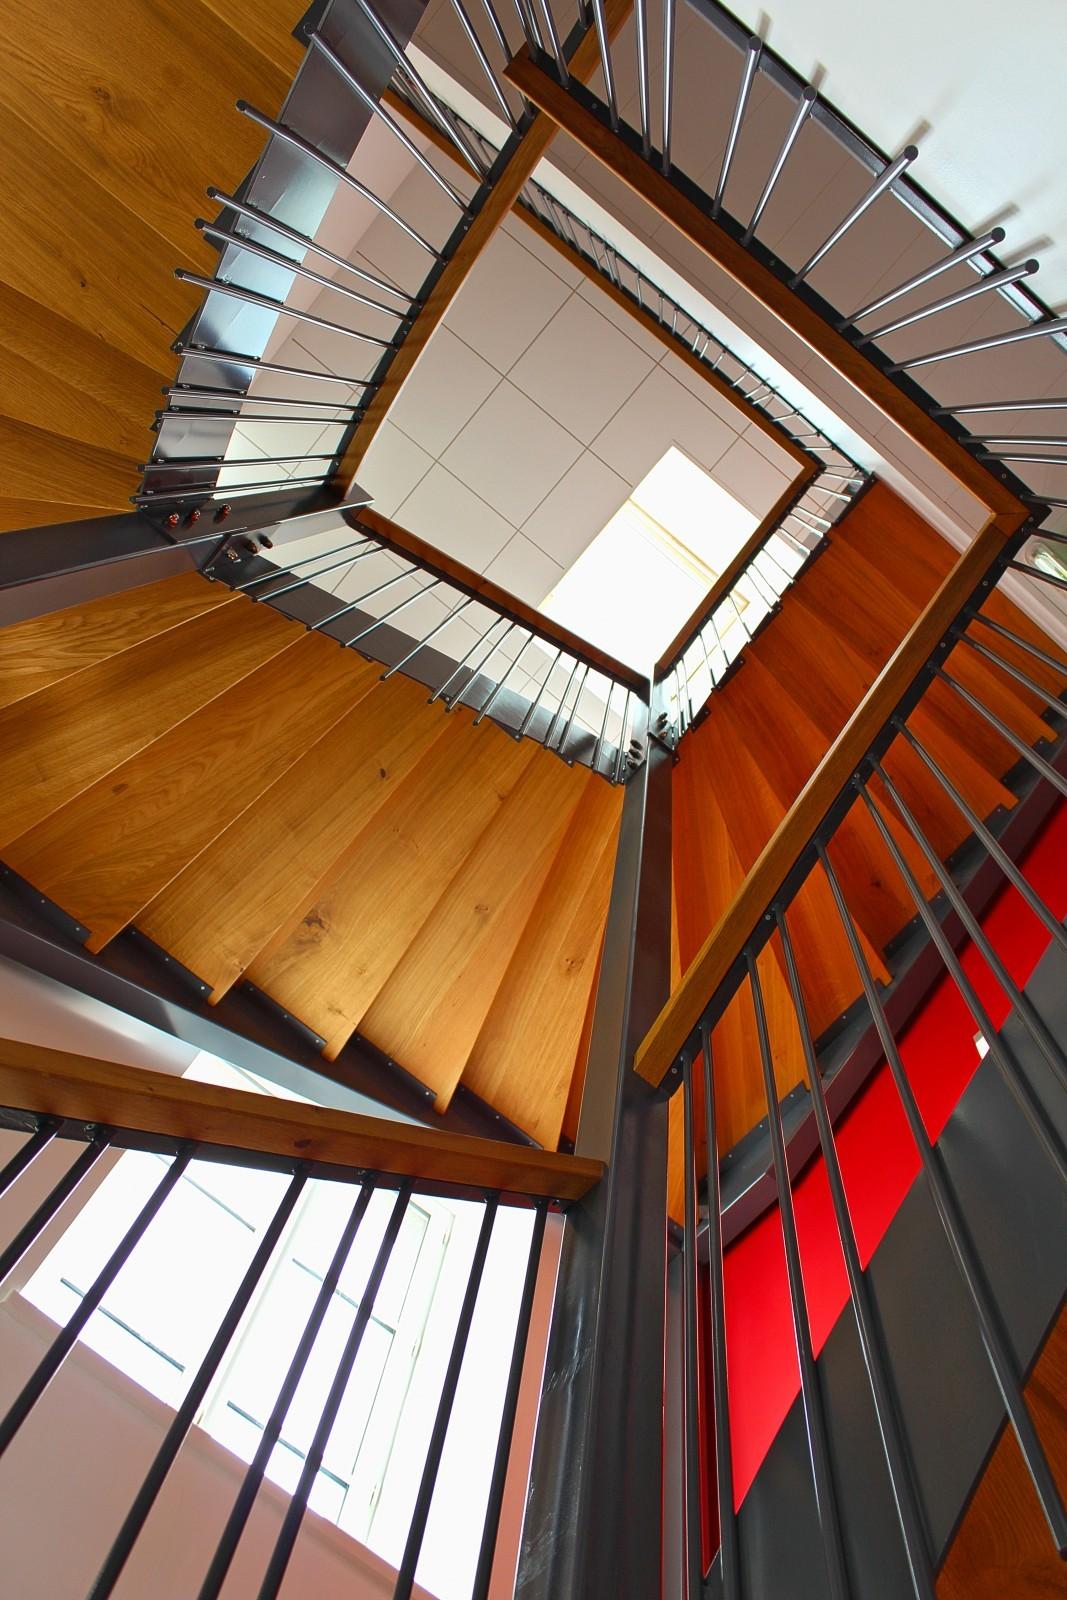 haras-lamballe-reabilitation-communaute-de-commune-interieur-escalier-11